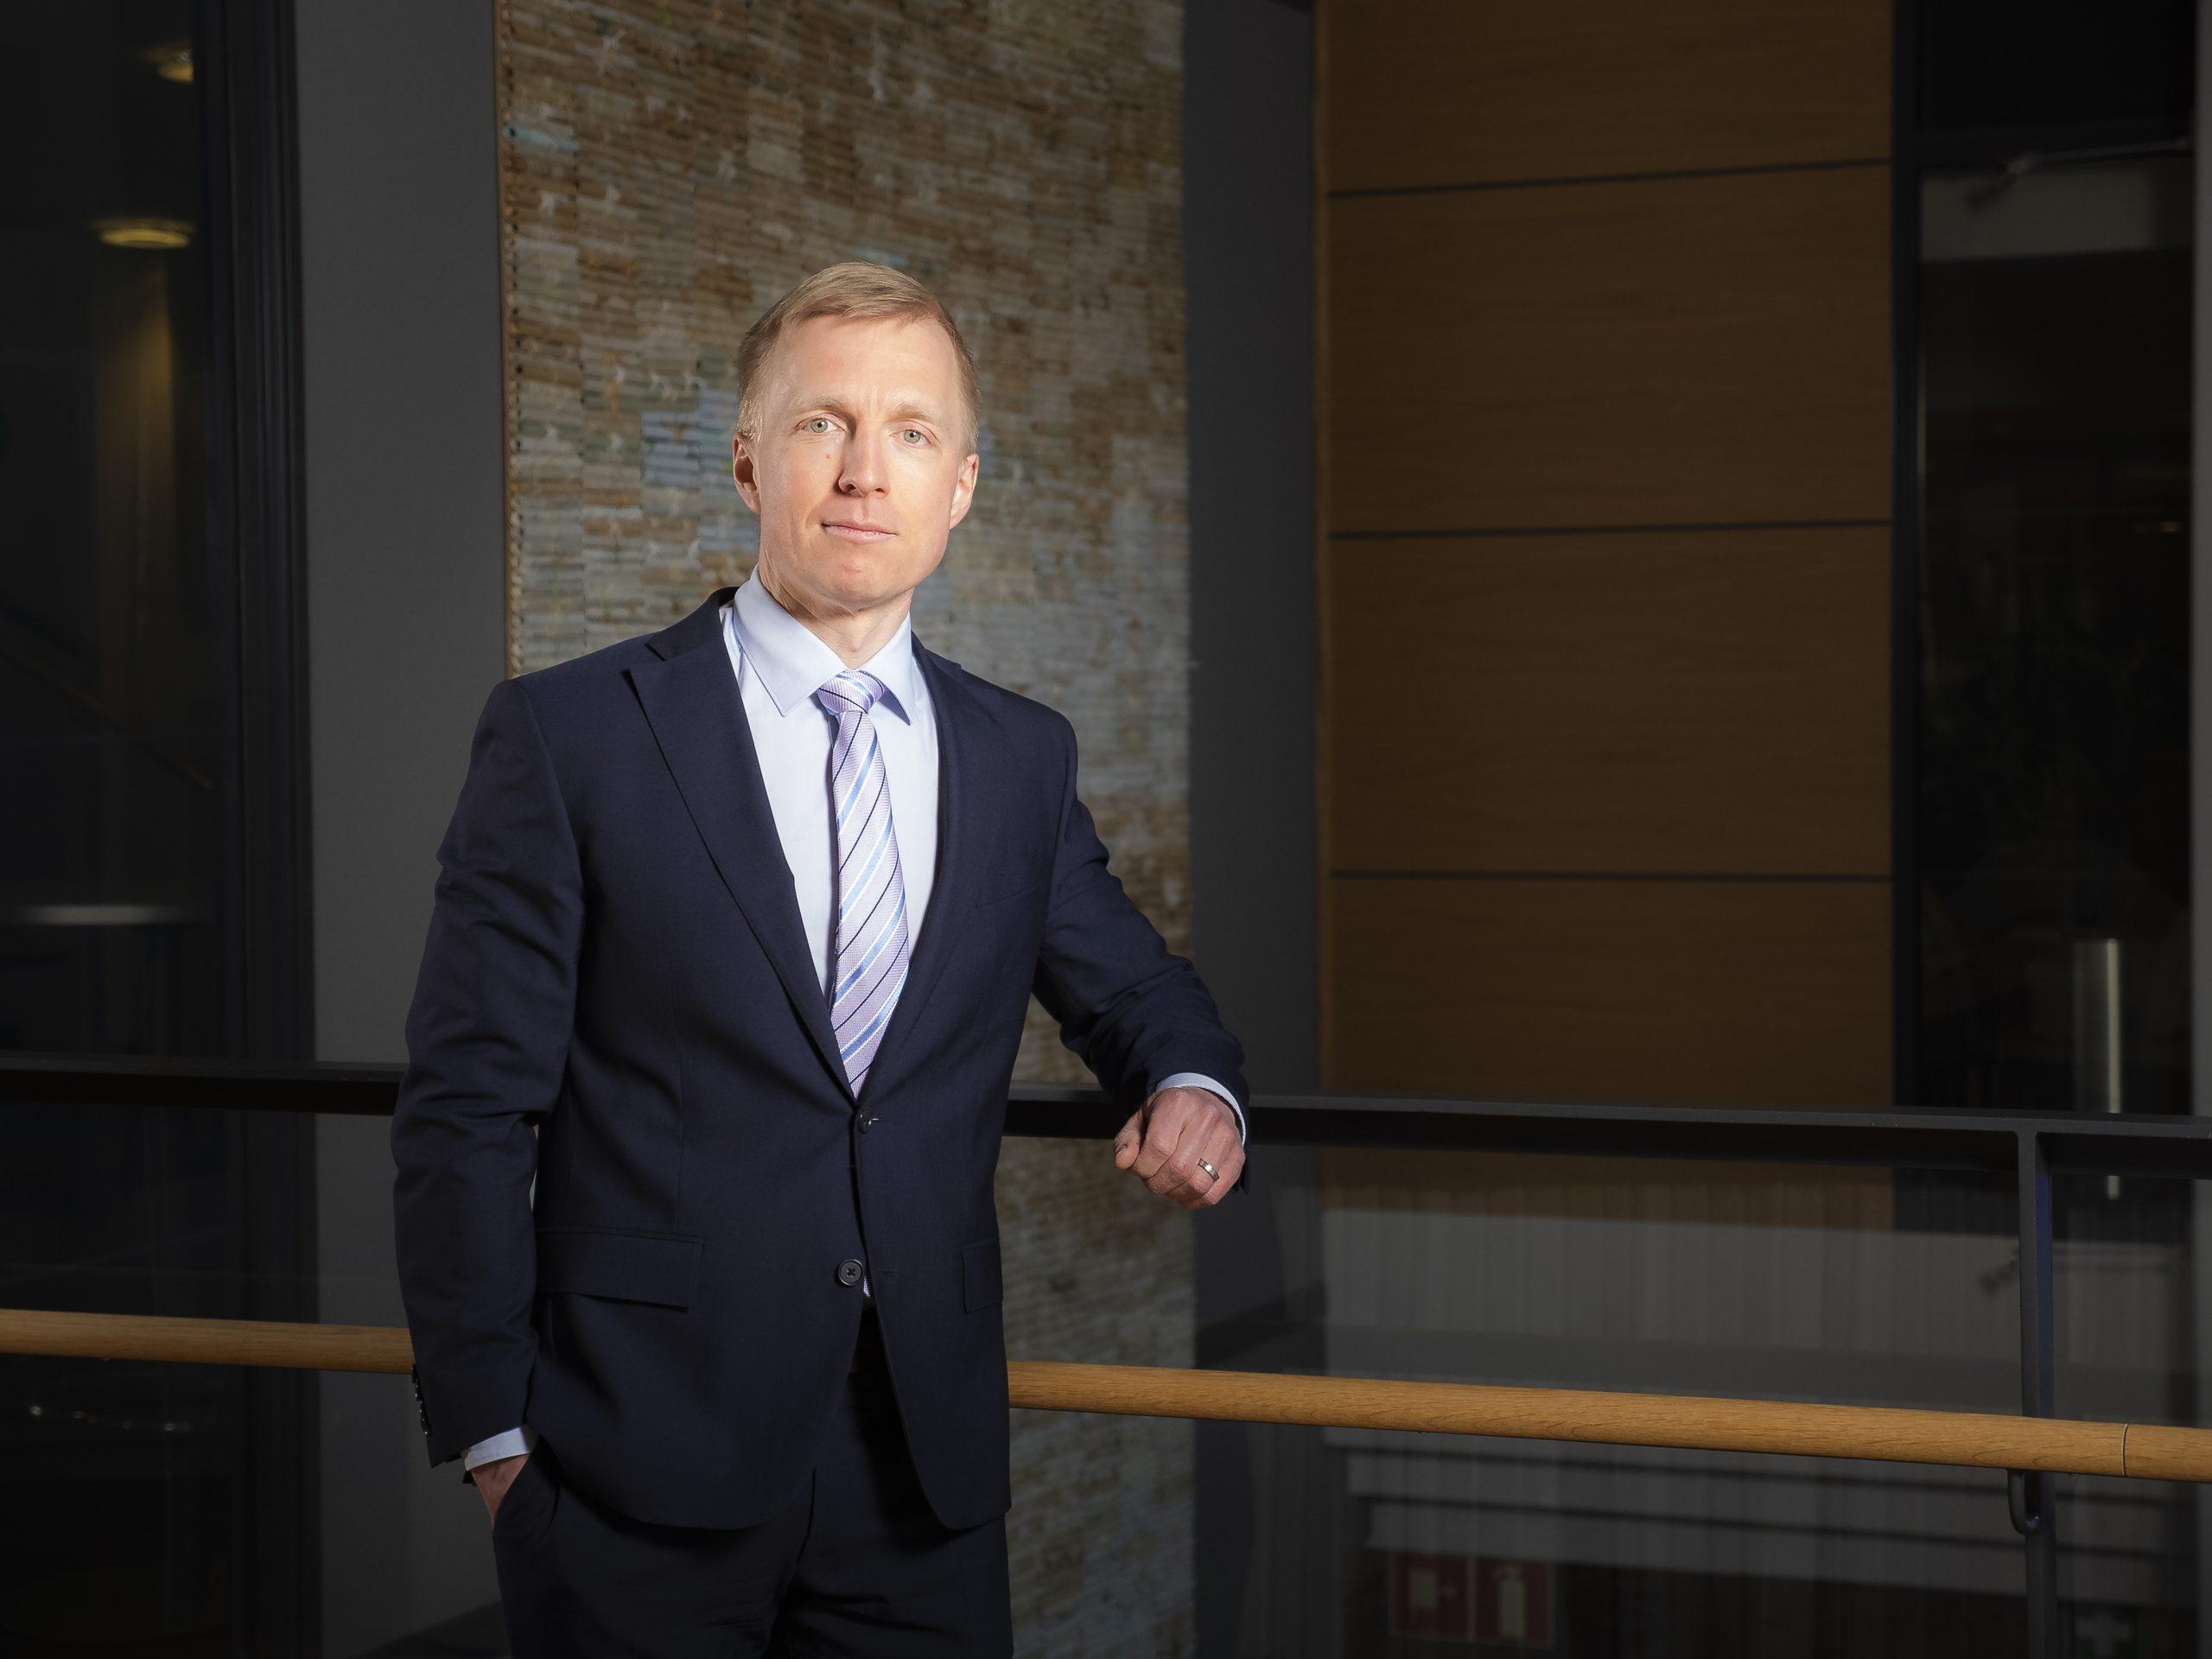 Kuluttajamyynnistä vastaava johtaja, Juhana Tikka